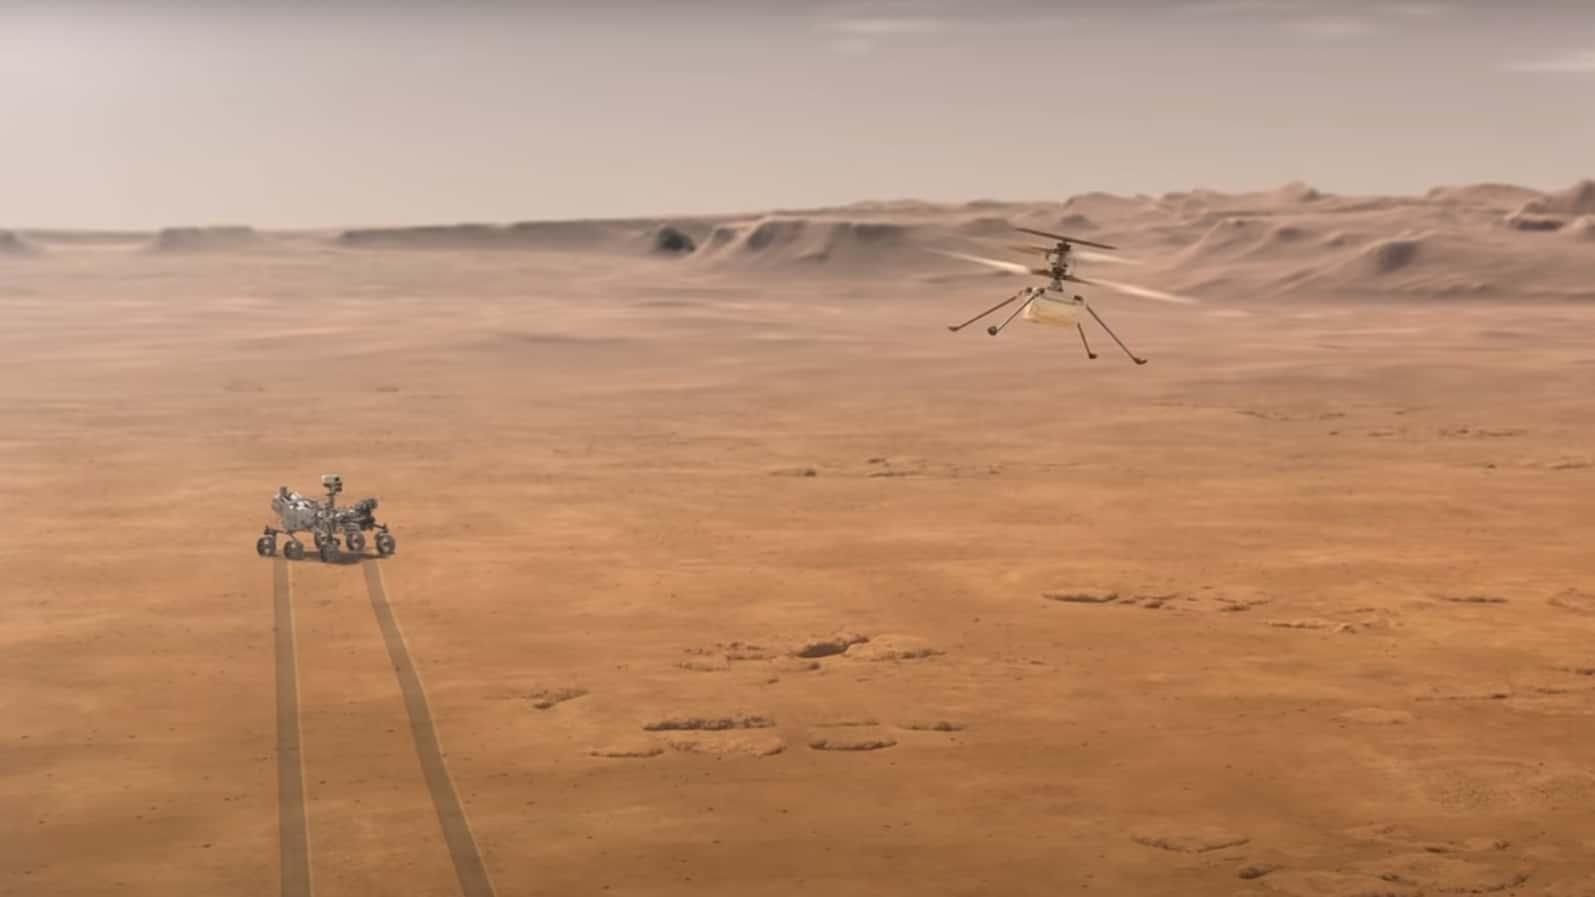 A Perseverance marsjáró tweetje szerint hamarosan egyedülálló misszió indul! 1